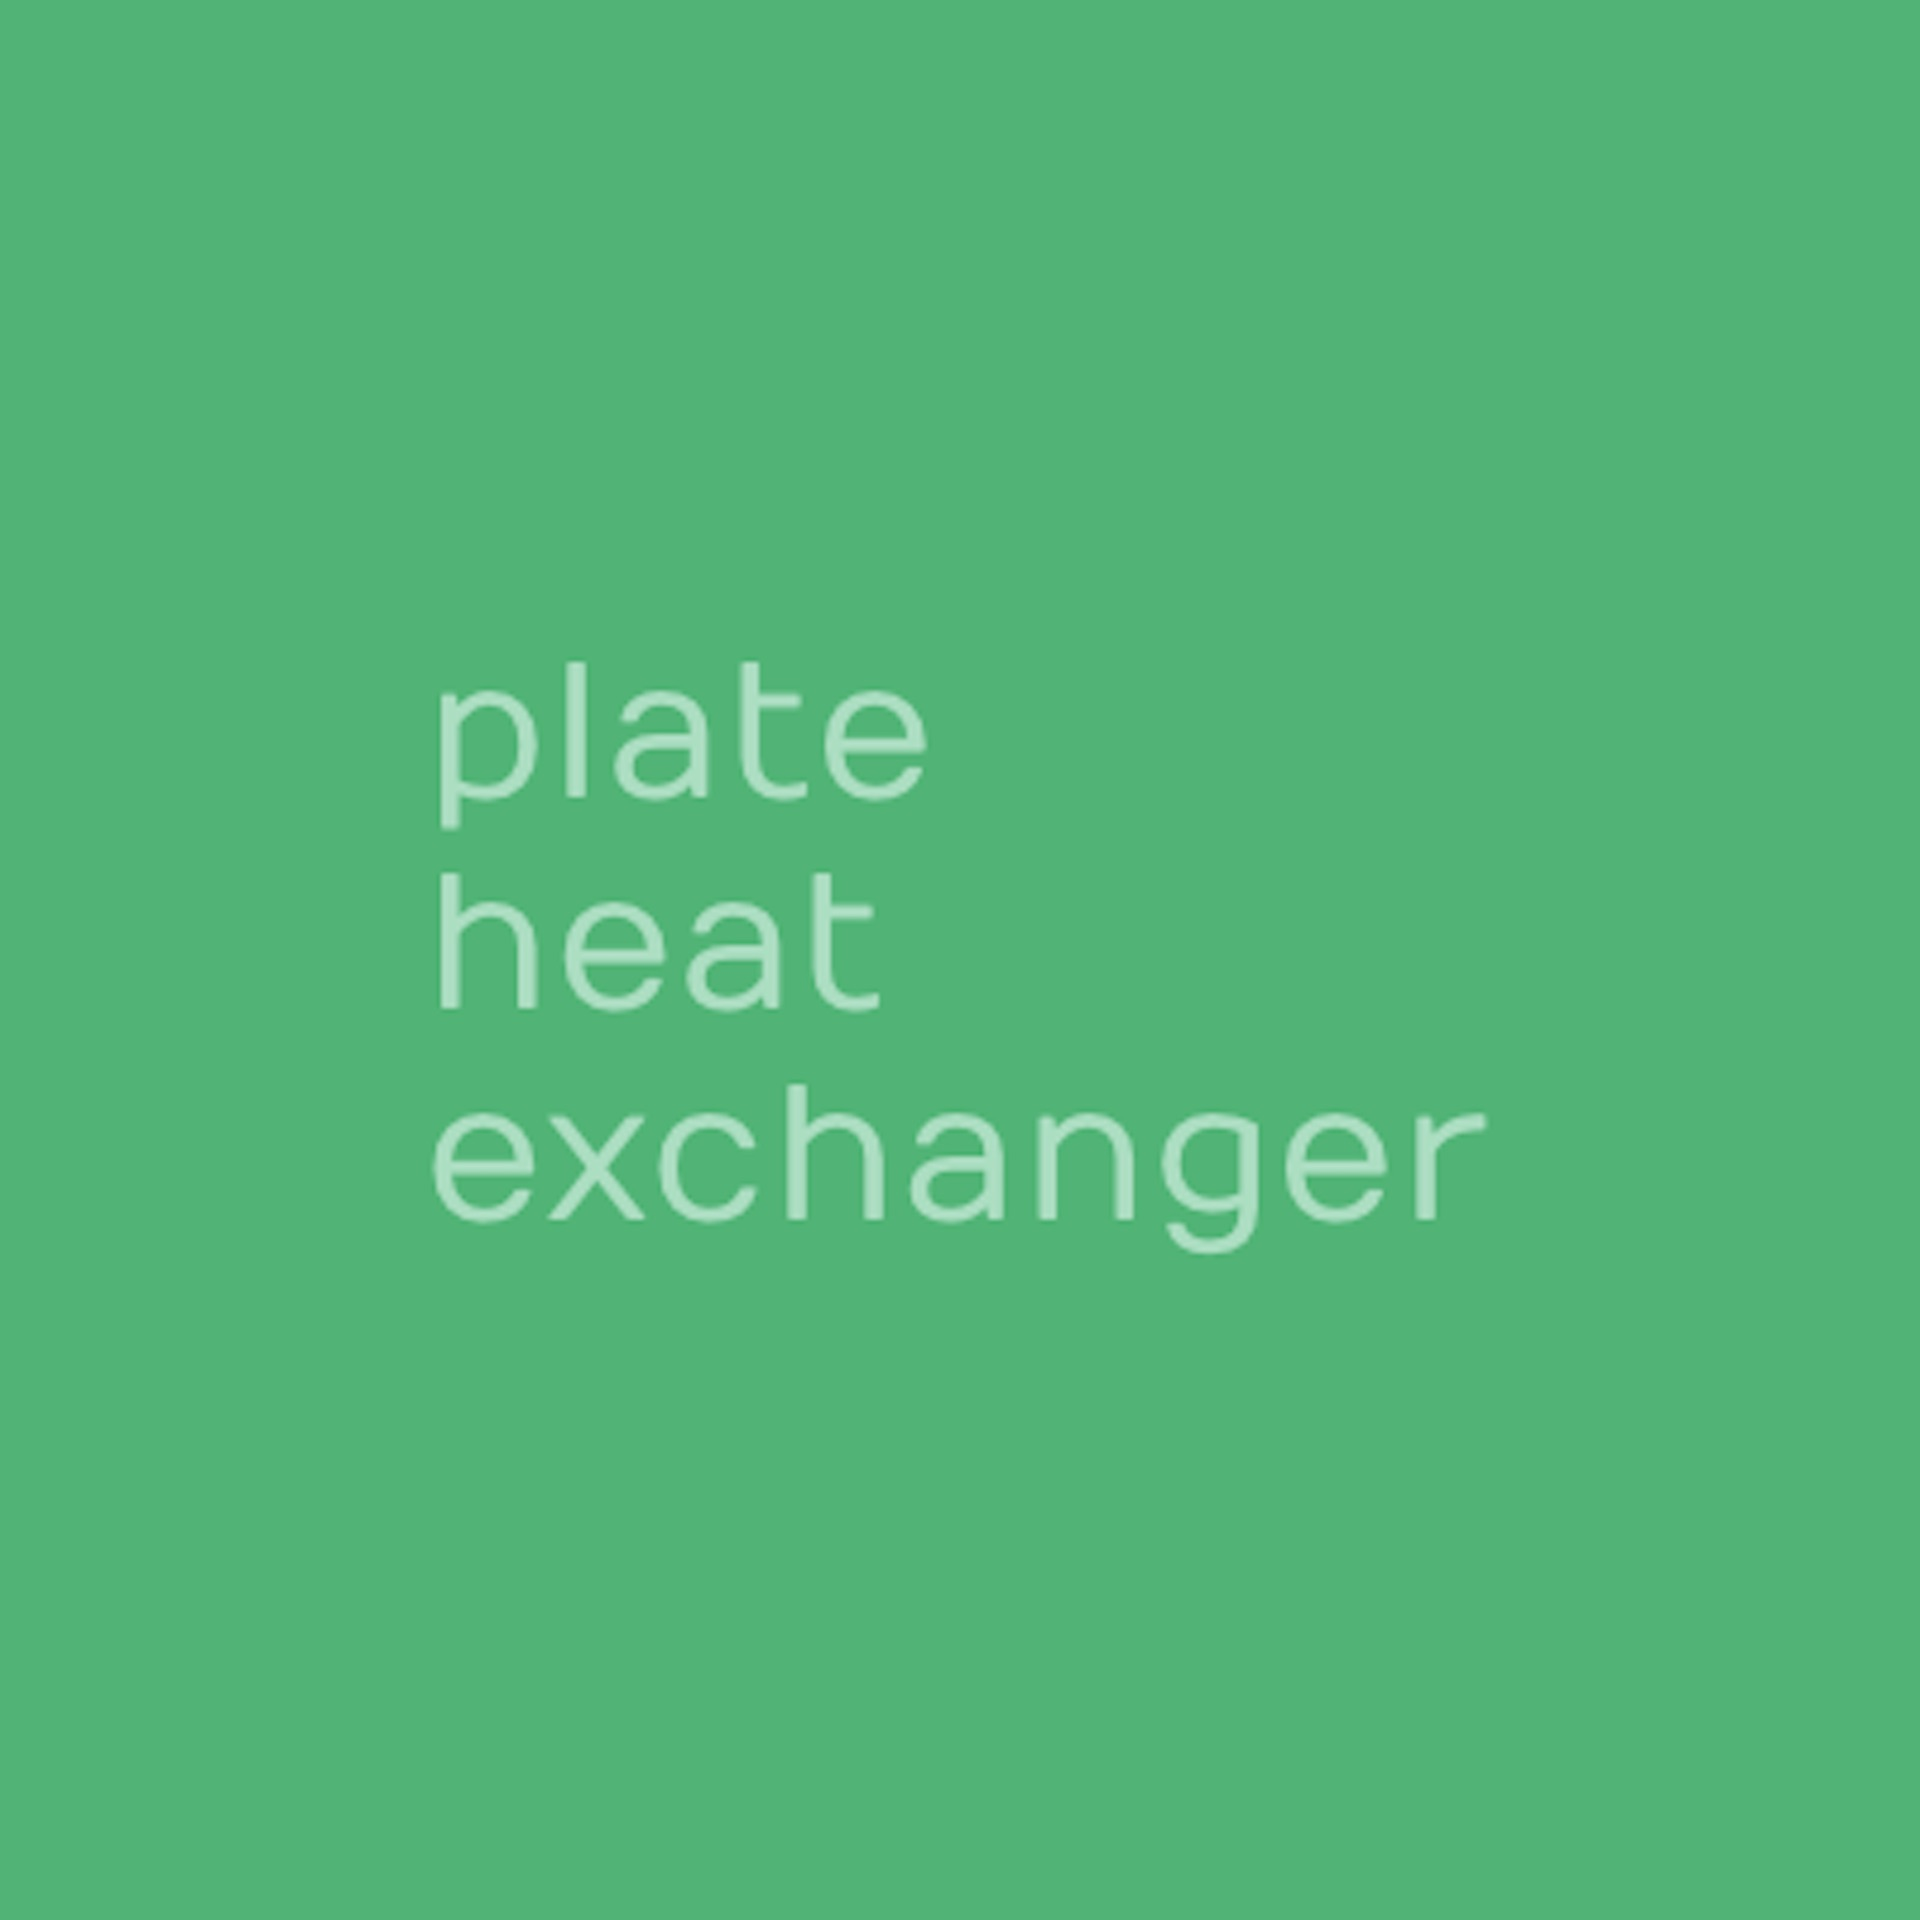 GWA_plate_heat_exchanger_Gesellschaft_fuer_Waerme_und_Anlagentechnik_mbH_monochrom